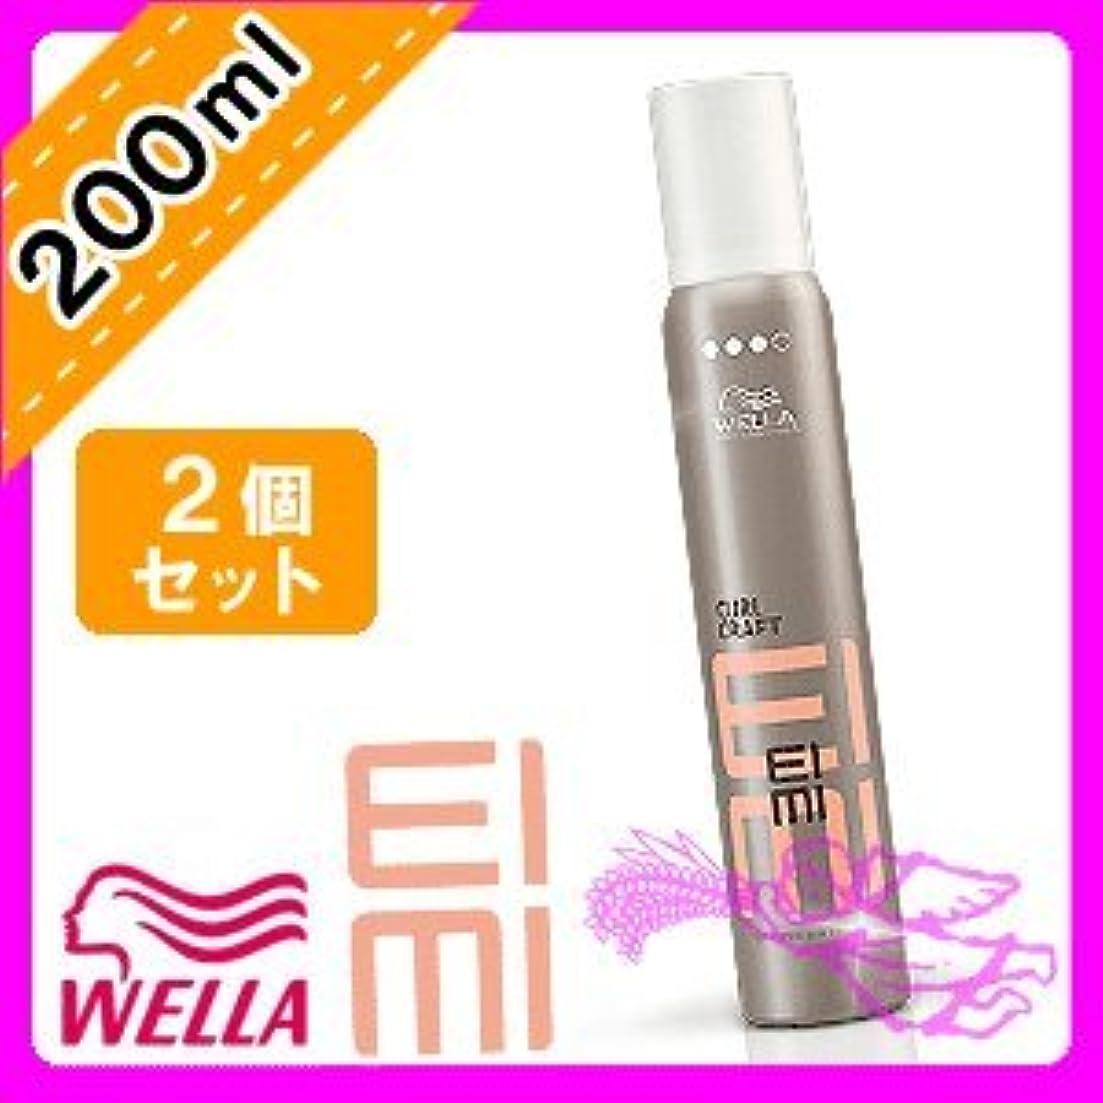 アピールピンクルーズウエラ EIMI(アイミィ) カールクラフトワックスムース 200ml ×2個 セット WELLA P&G